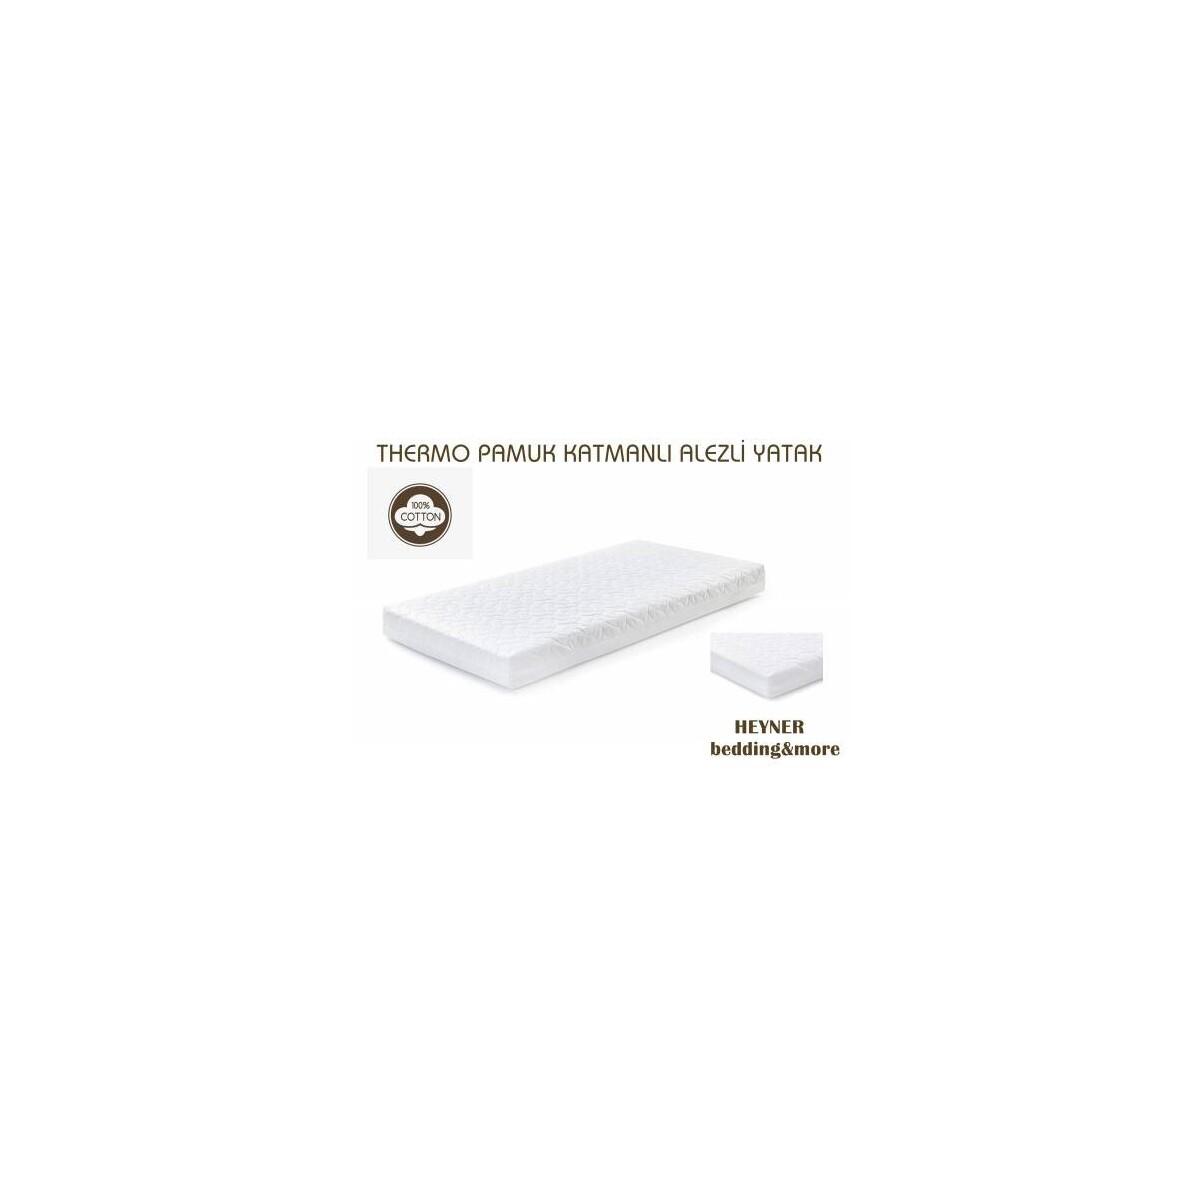 65X95 Heyner Thermo Pamuk Katmanlı Soft Ortopedik Alezli Bebek Yatağı